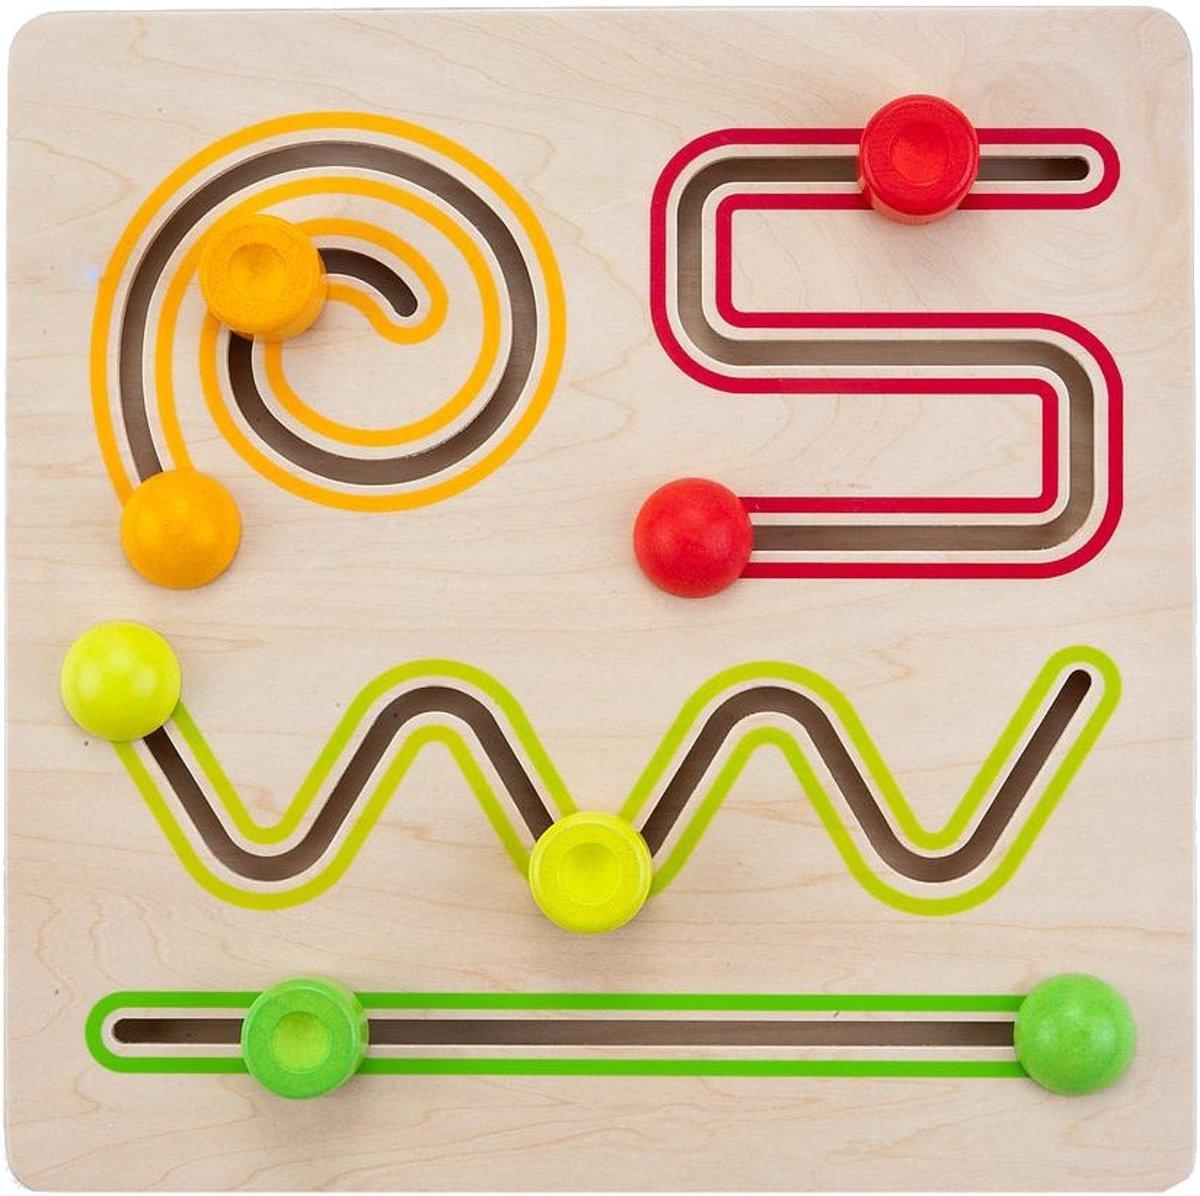 Sliding puzzle 30 x 30 cm 4 shapes rubber wood